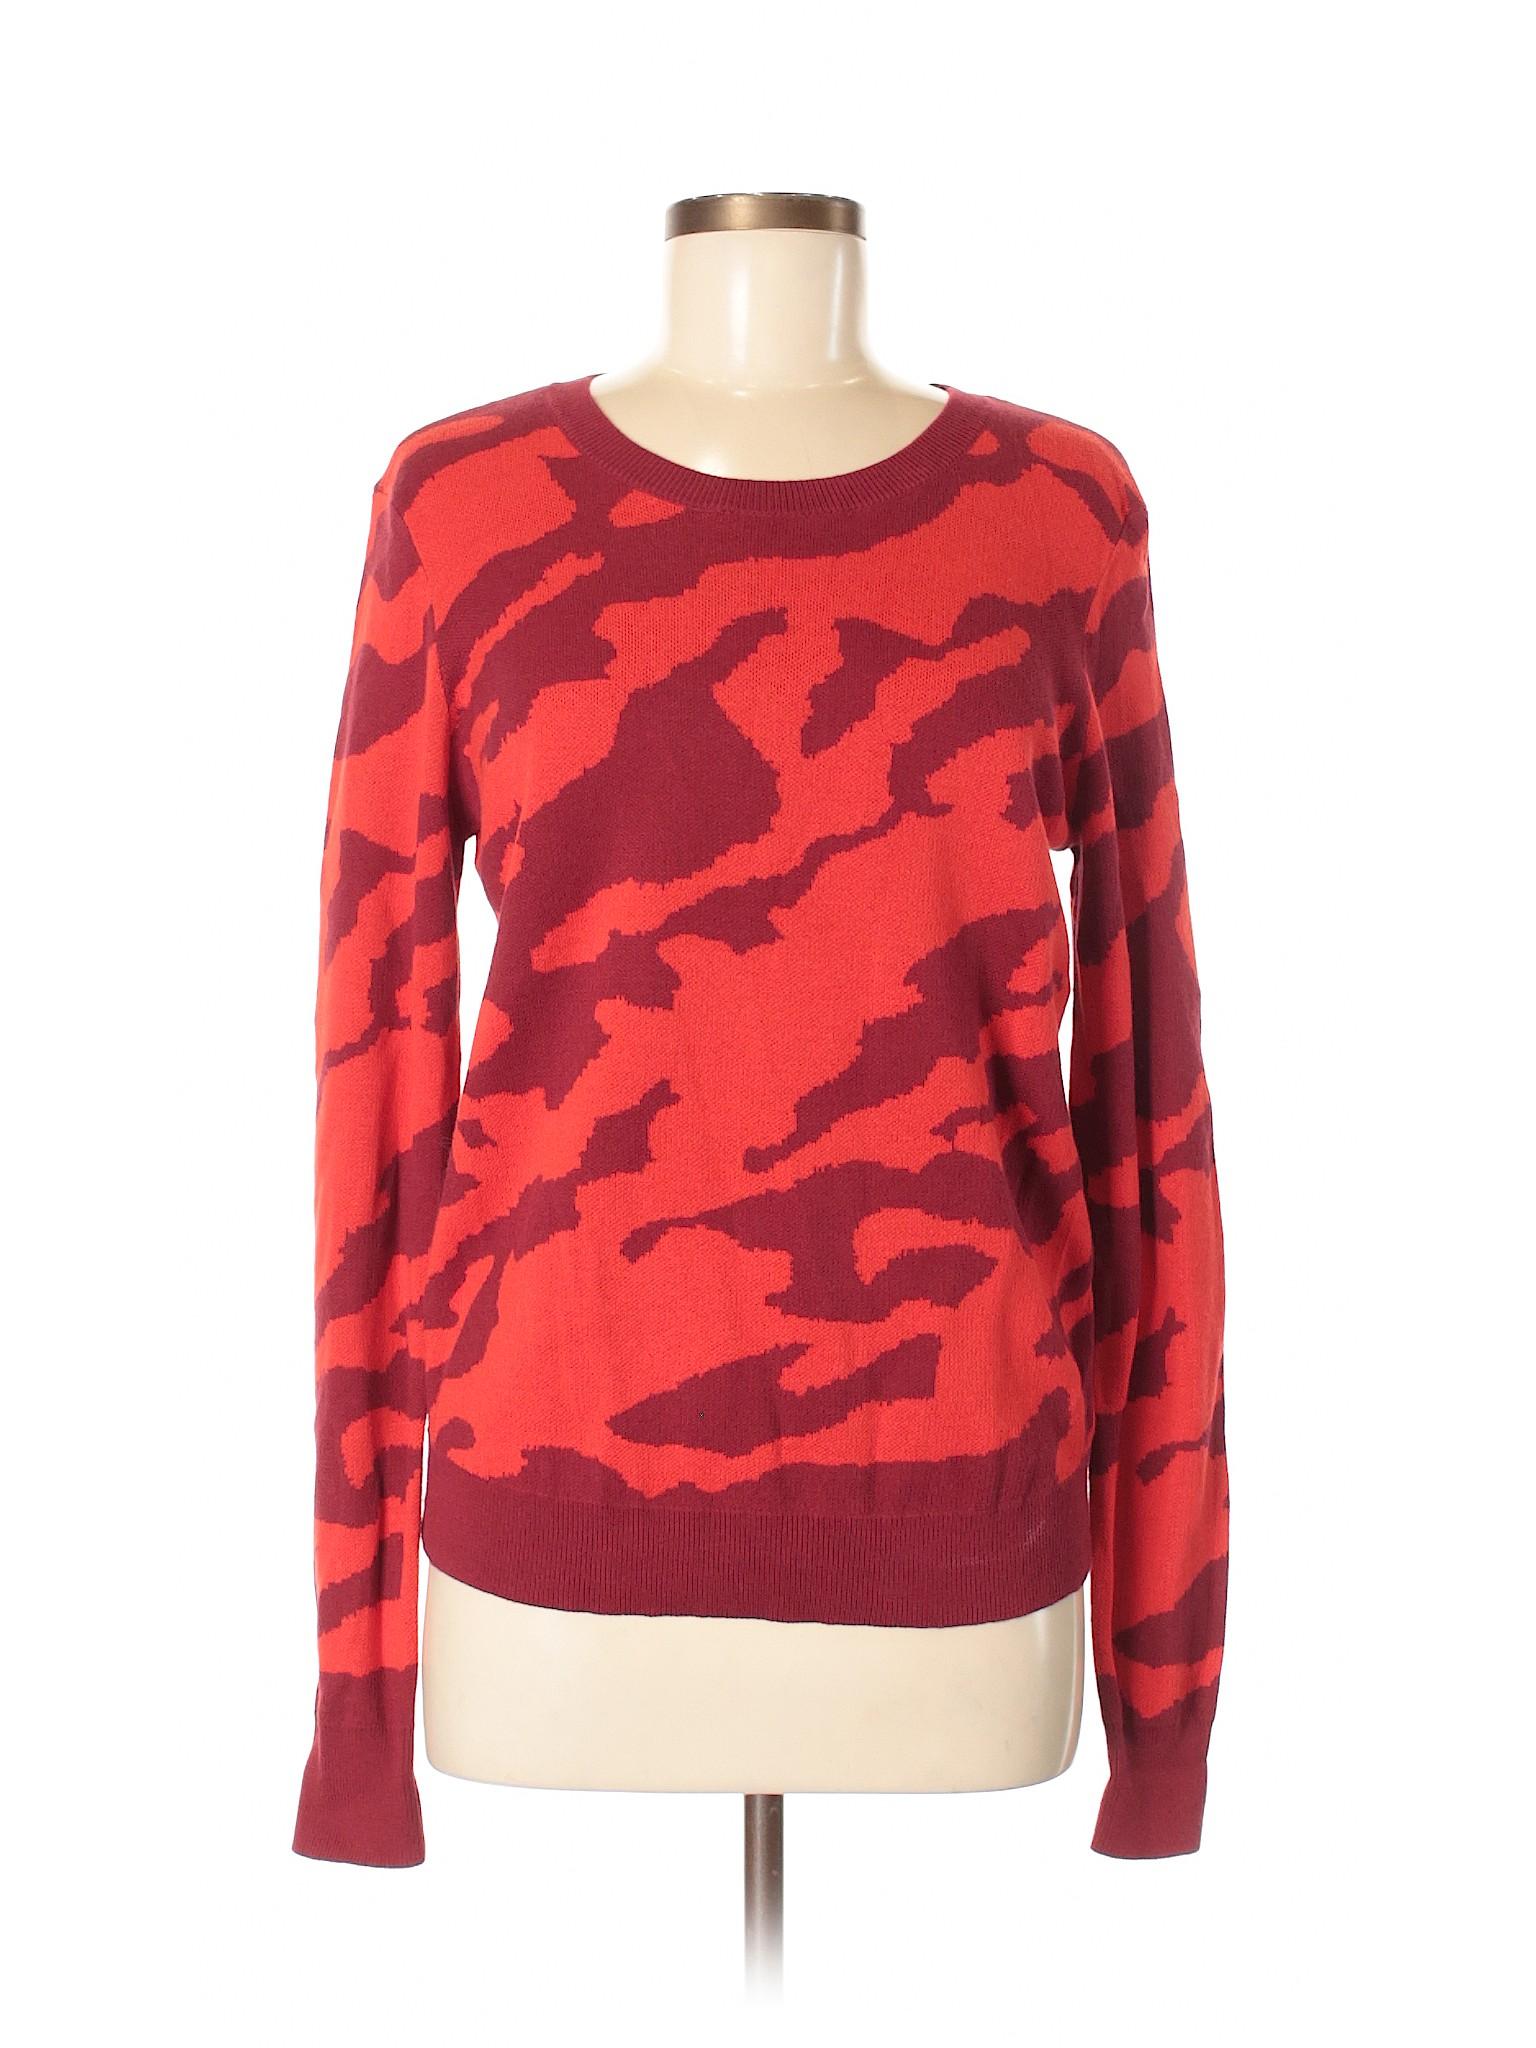 cf2ed9ec13b Boutique Boutique winter winter Fila Pullover Sweater pOUZ8wq ...